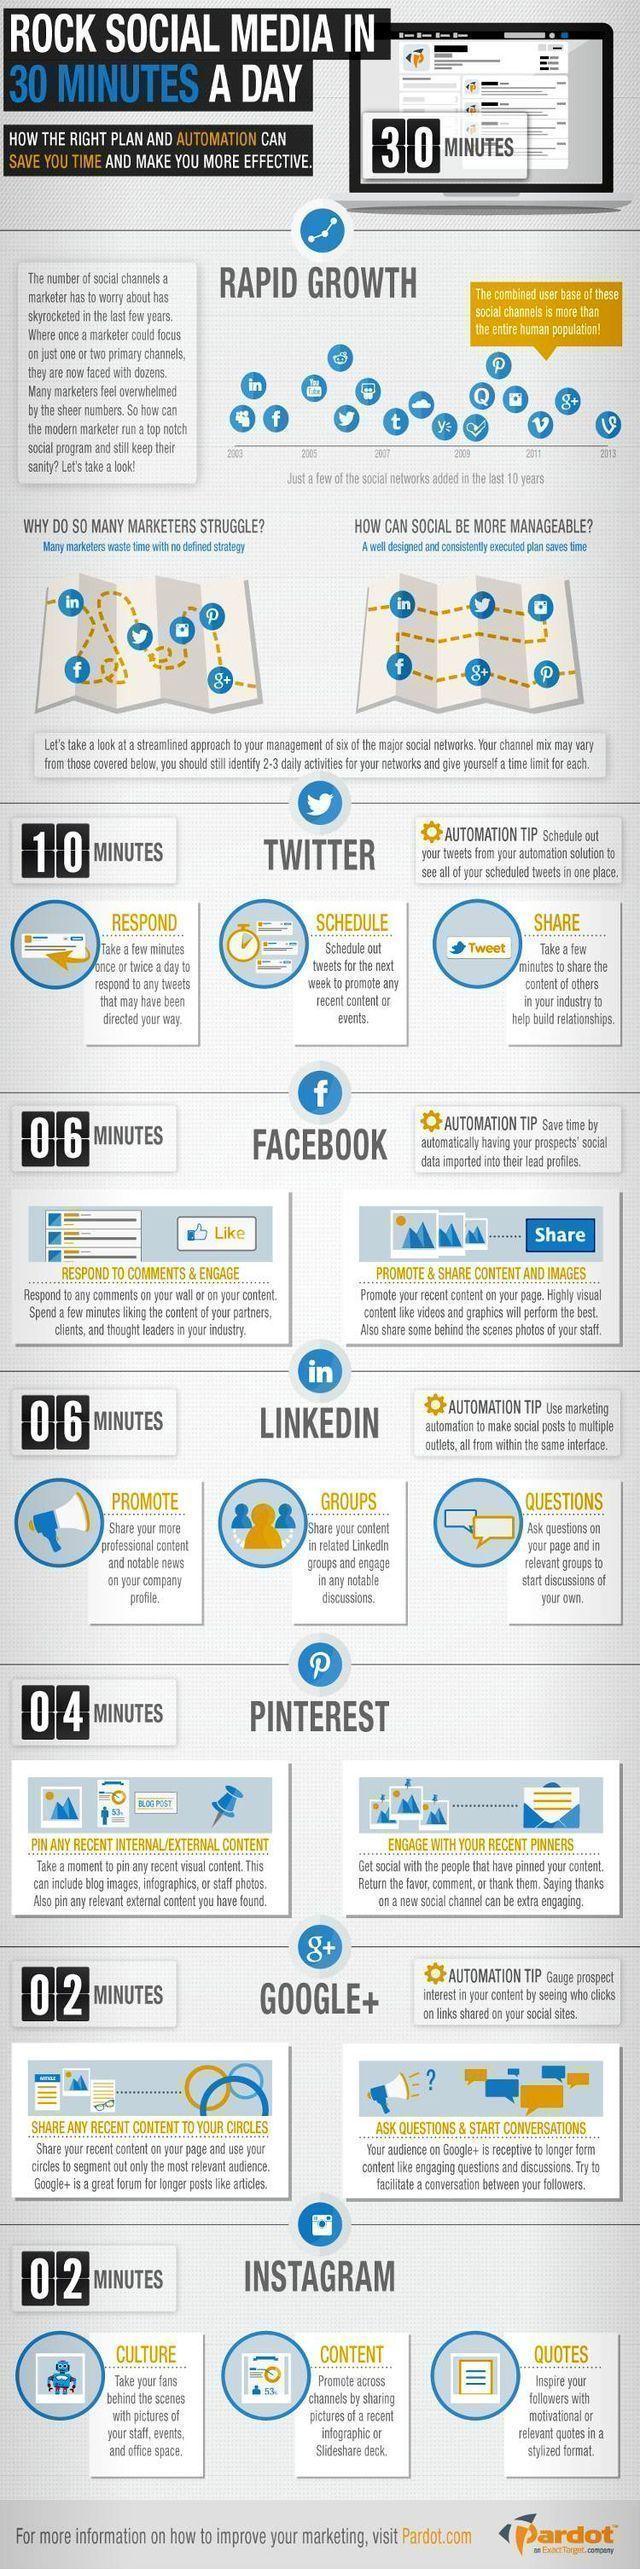 Gestion-redes-sociales-30-minutos2